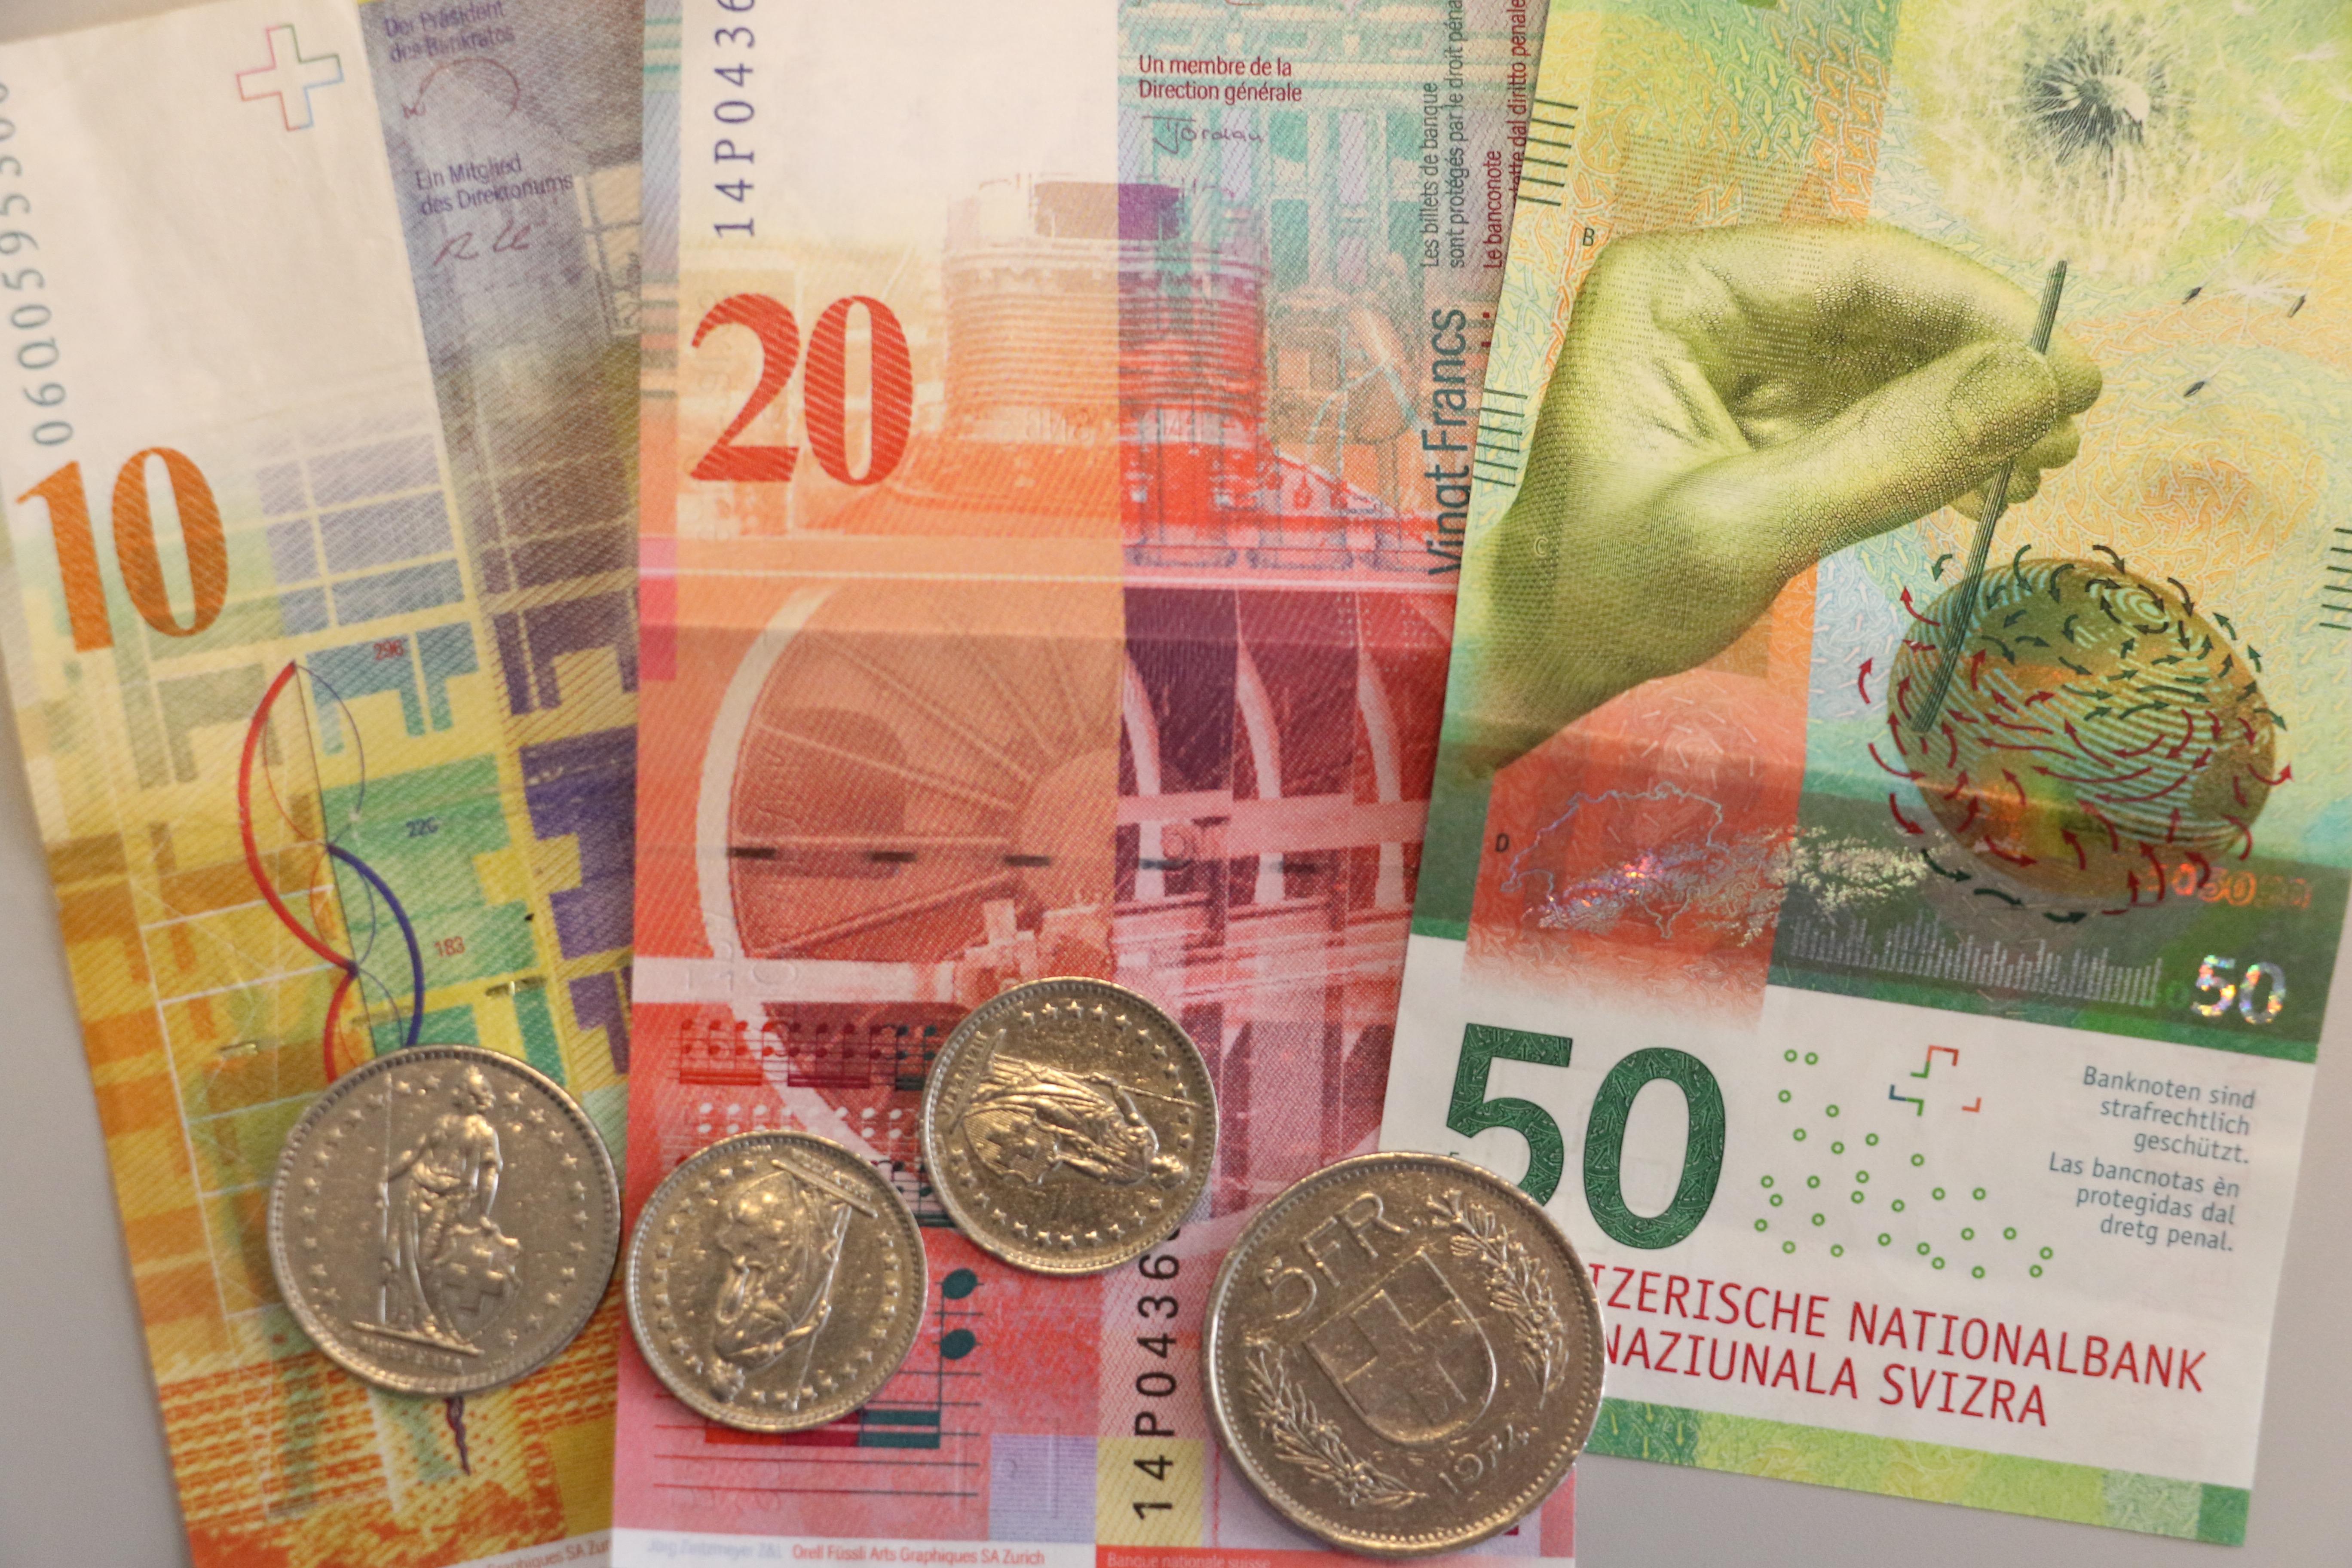 Banken-erhalten-gef-lschte-Zahlungsauftr-ge